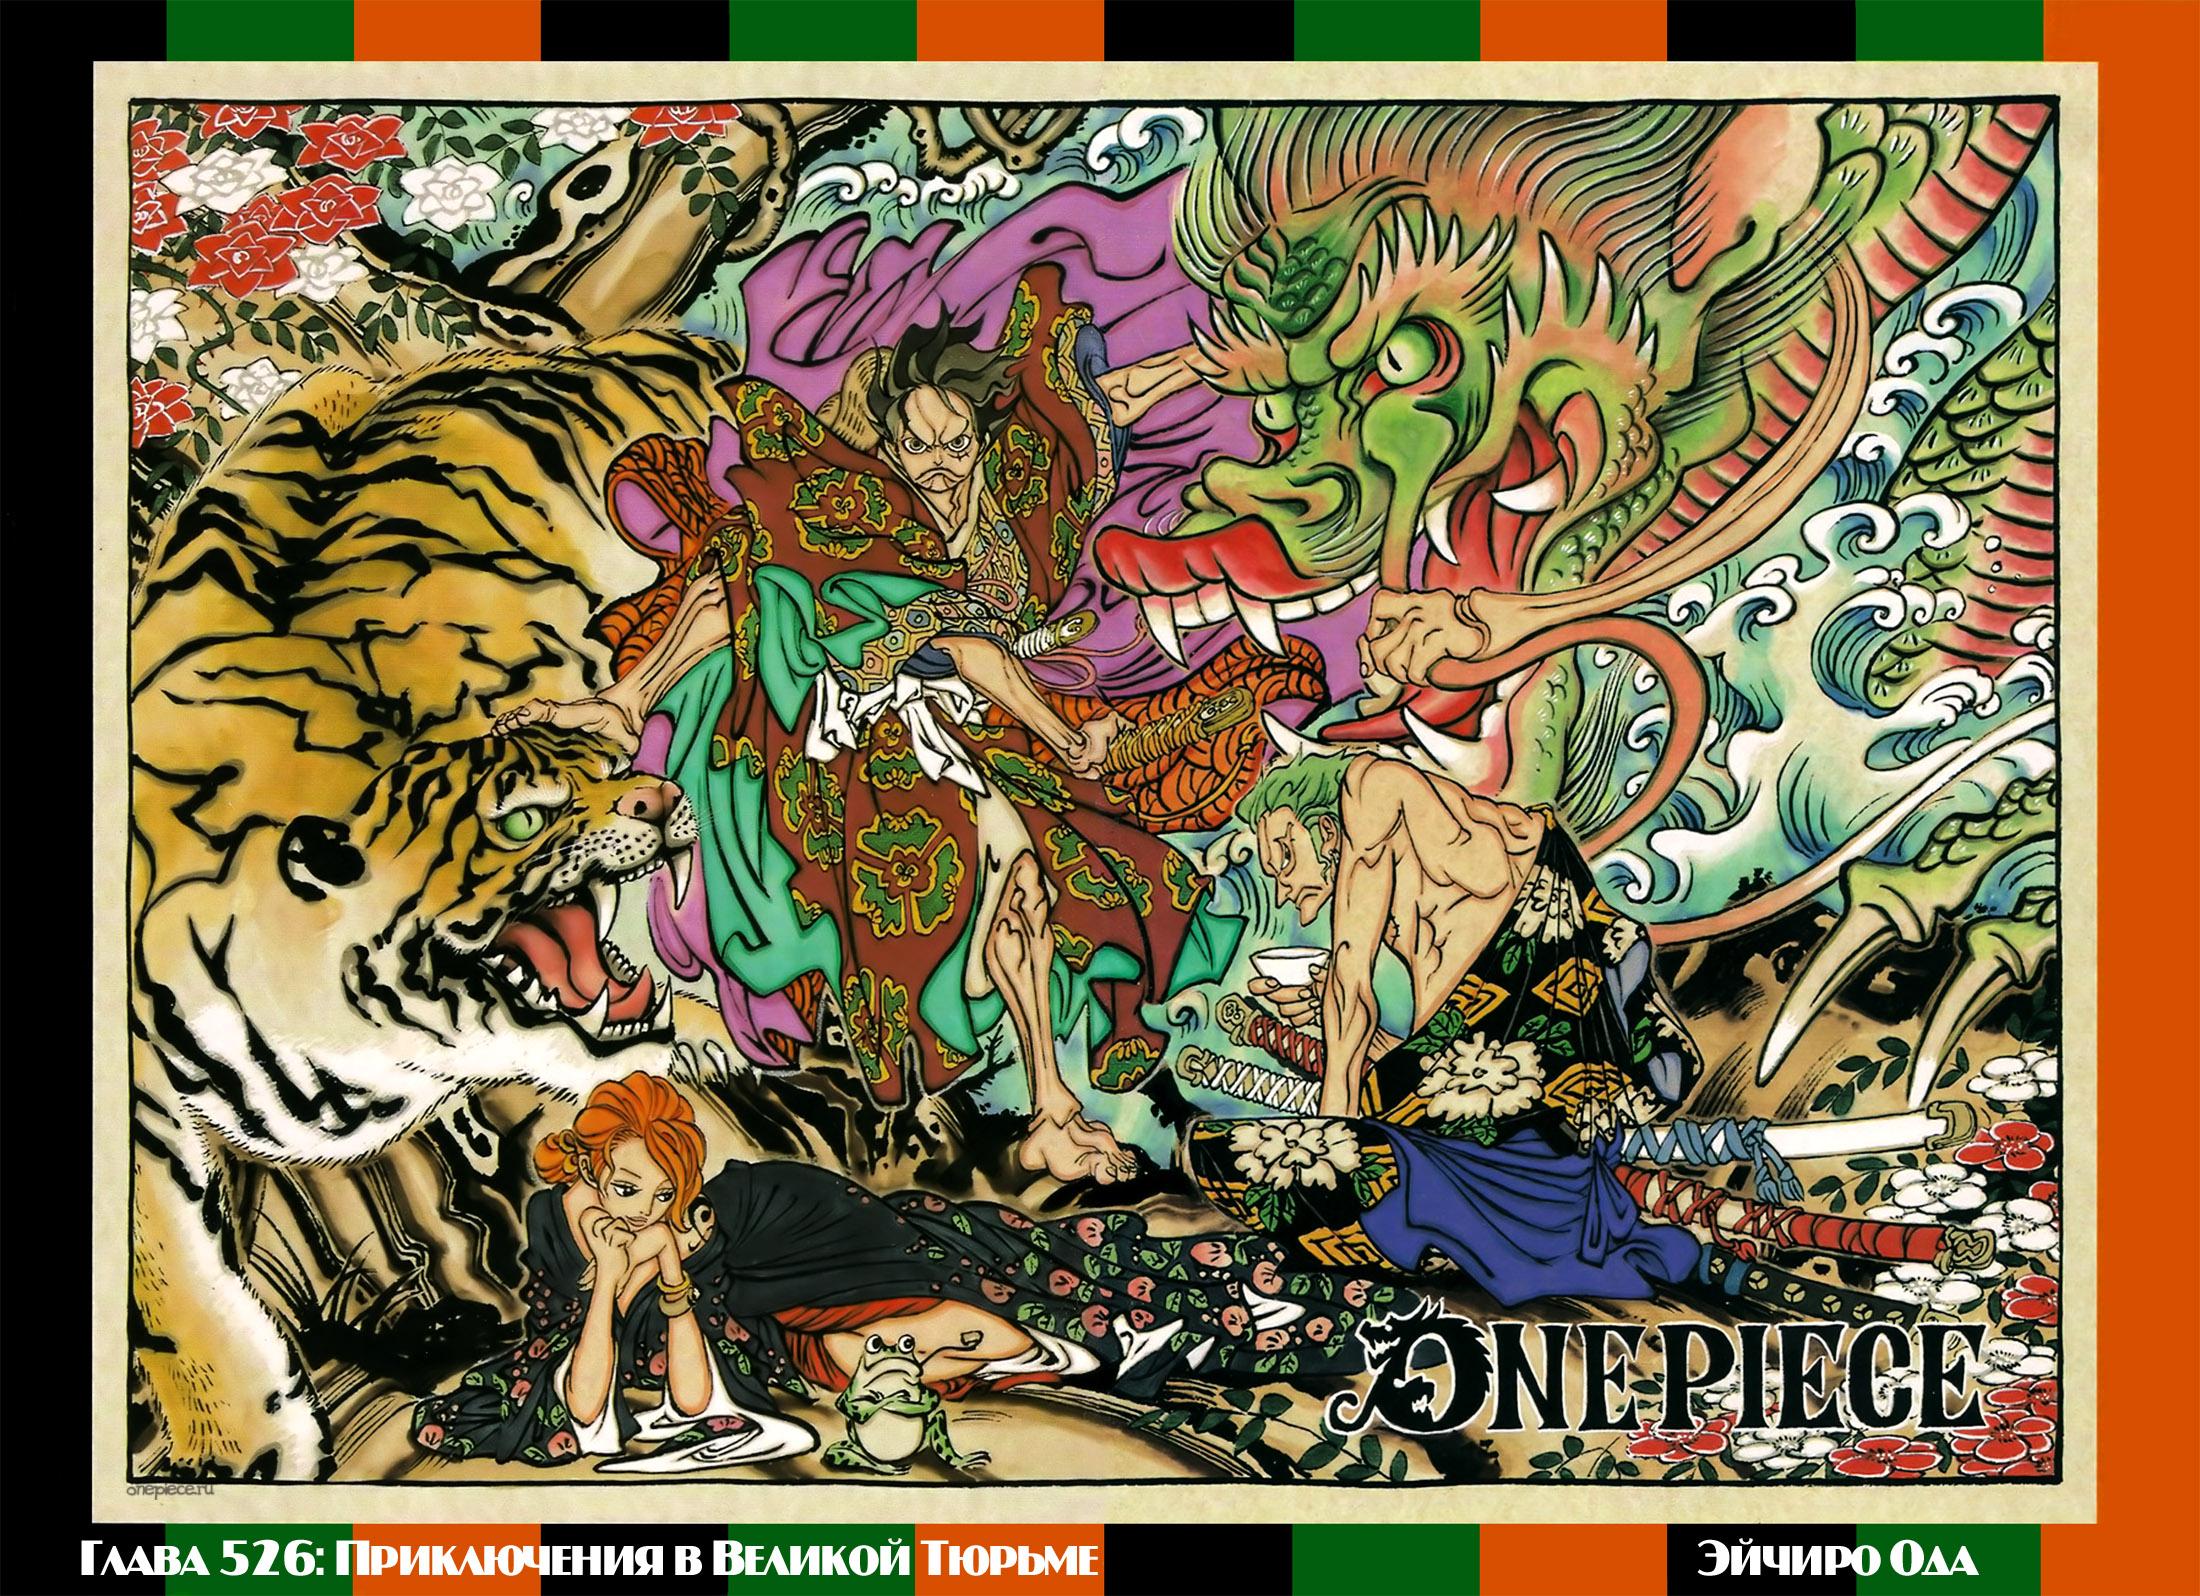 Манга One Piece / Ван Пис Манга One Piece Глава # 526 - Приключения в Великой тюрьме, страница 1